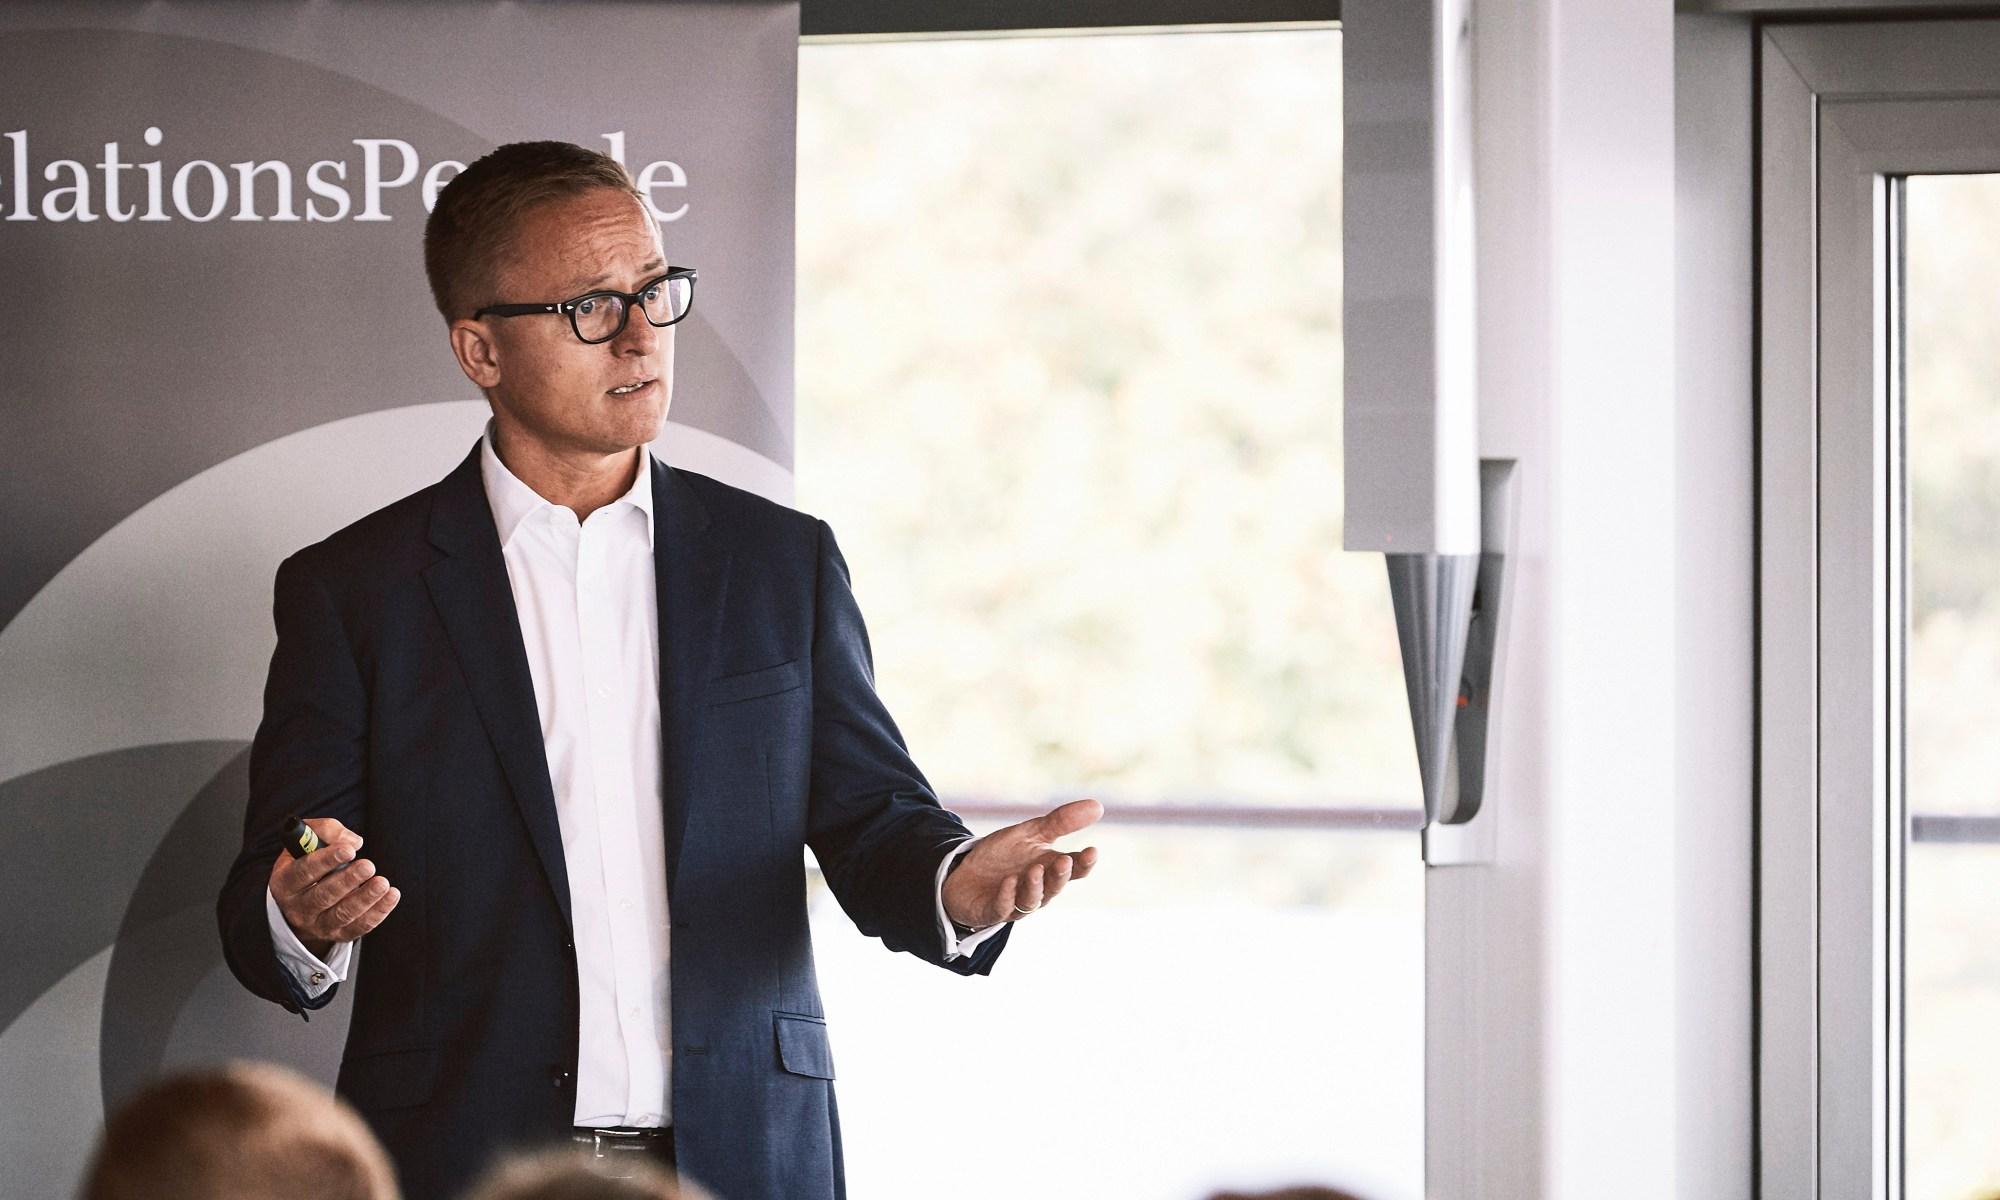 Kristian Eiberg talking at event